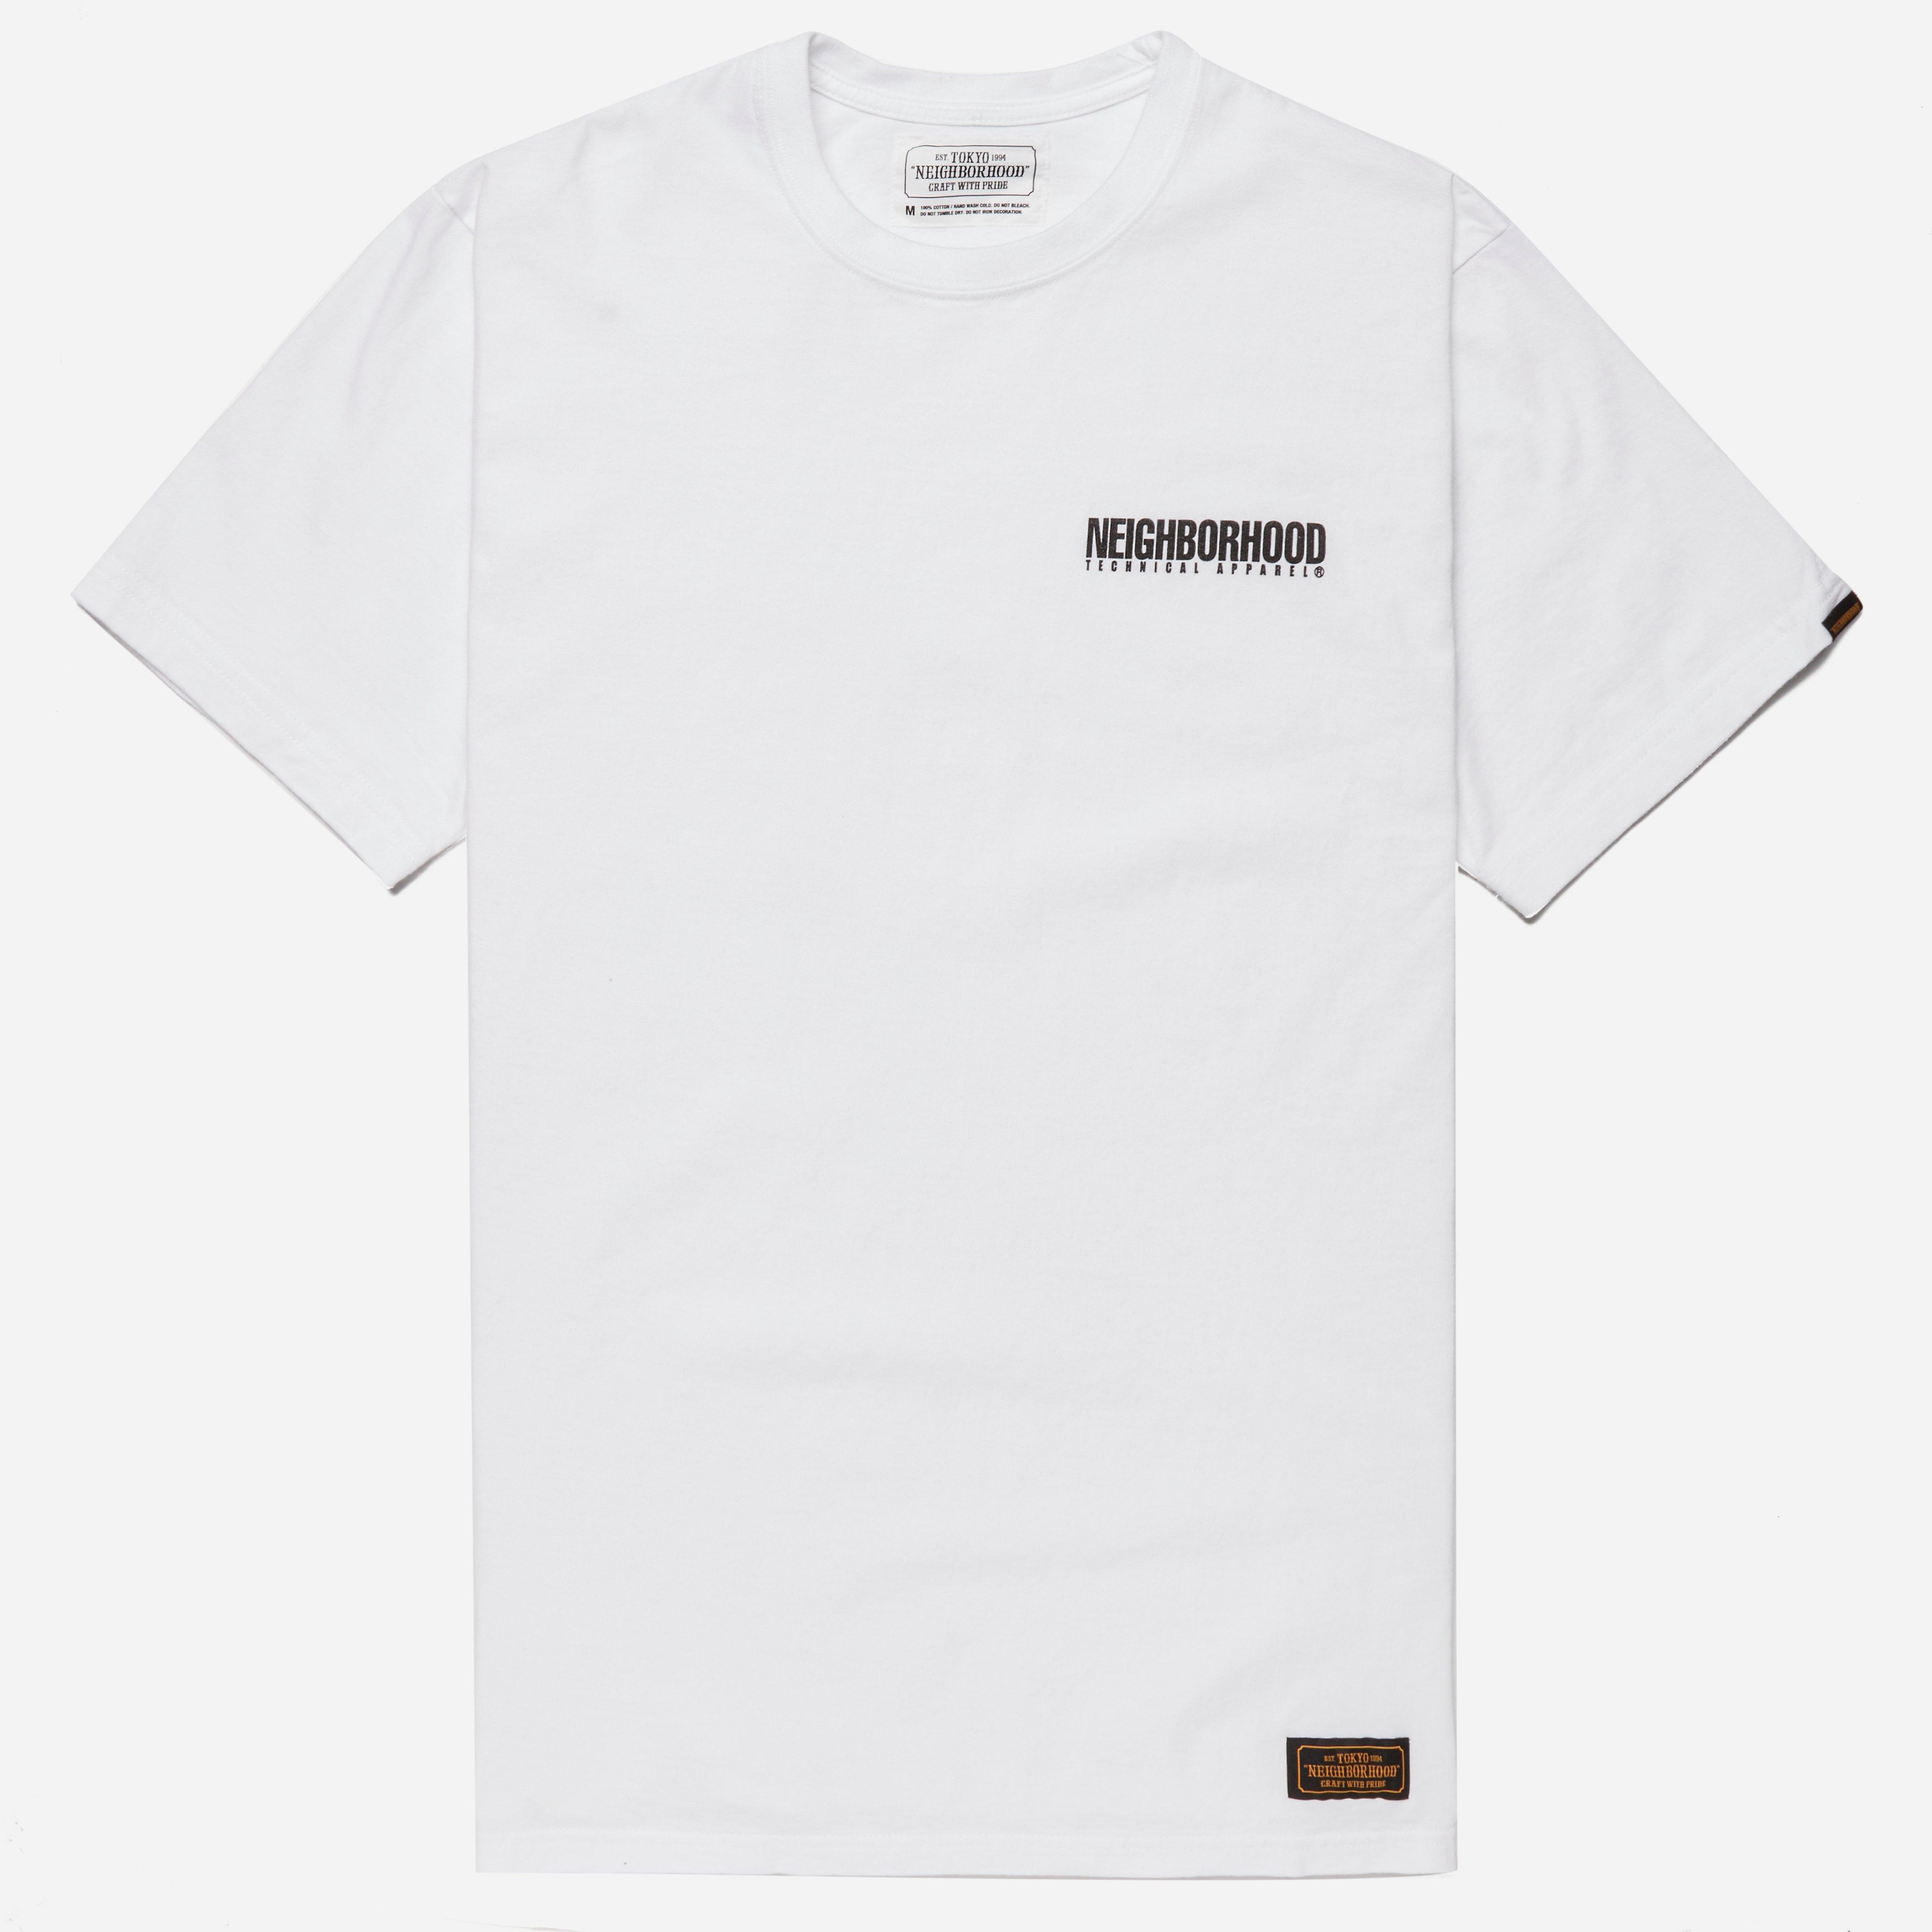 Neighborhood Technical Apparel T-shirt